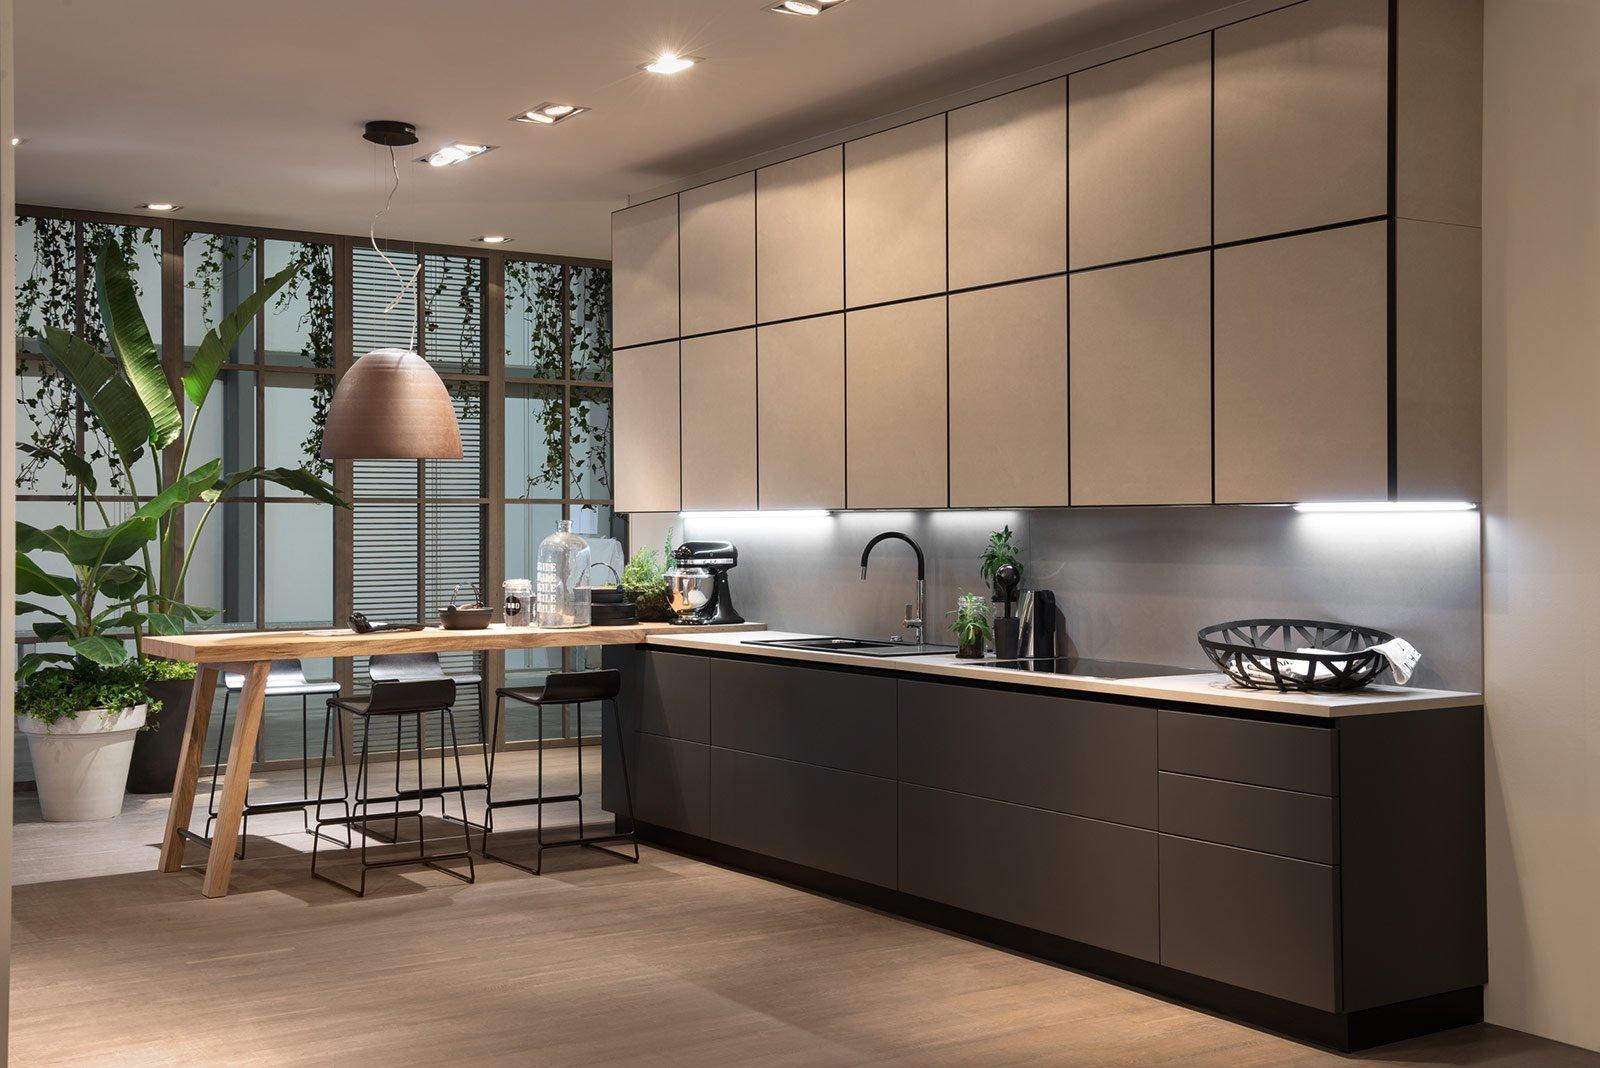 Cucina e soggiorno openspace funzioni divise o spiccata socialit cose di casa - Cucine a parete ...